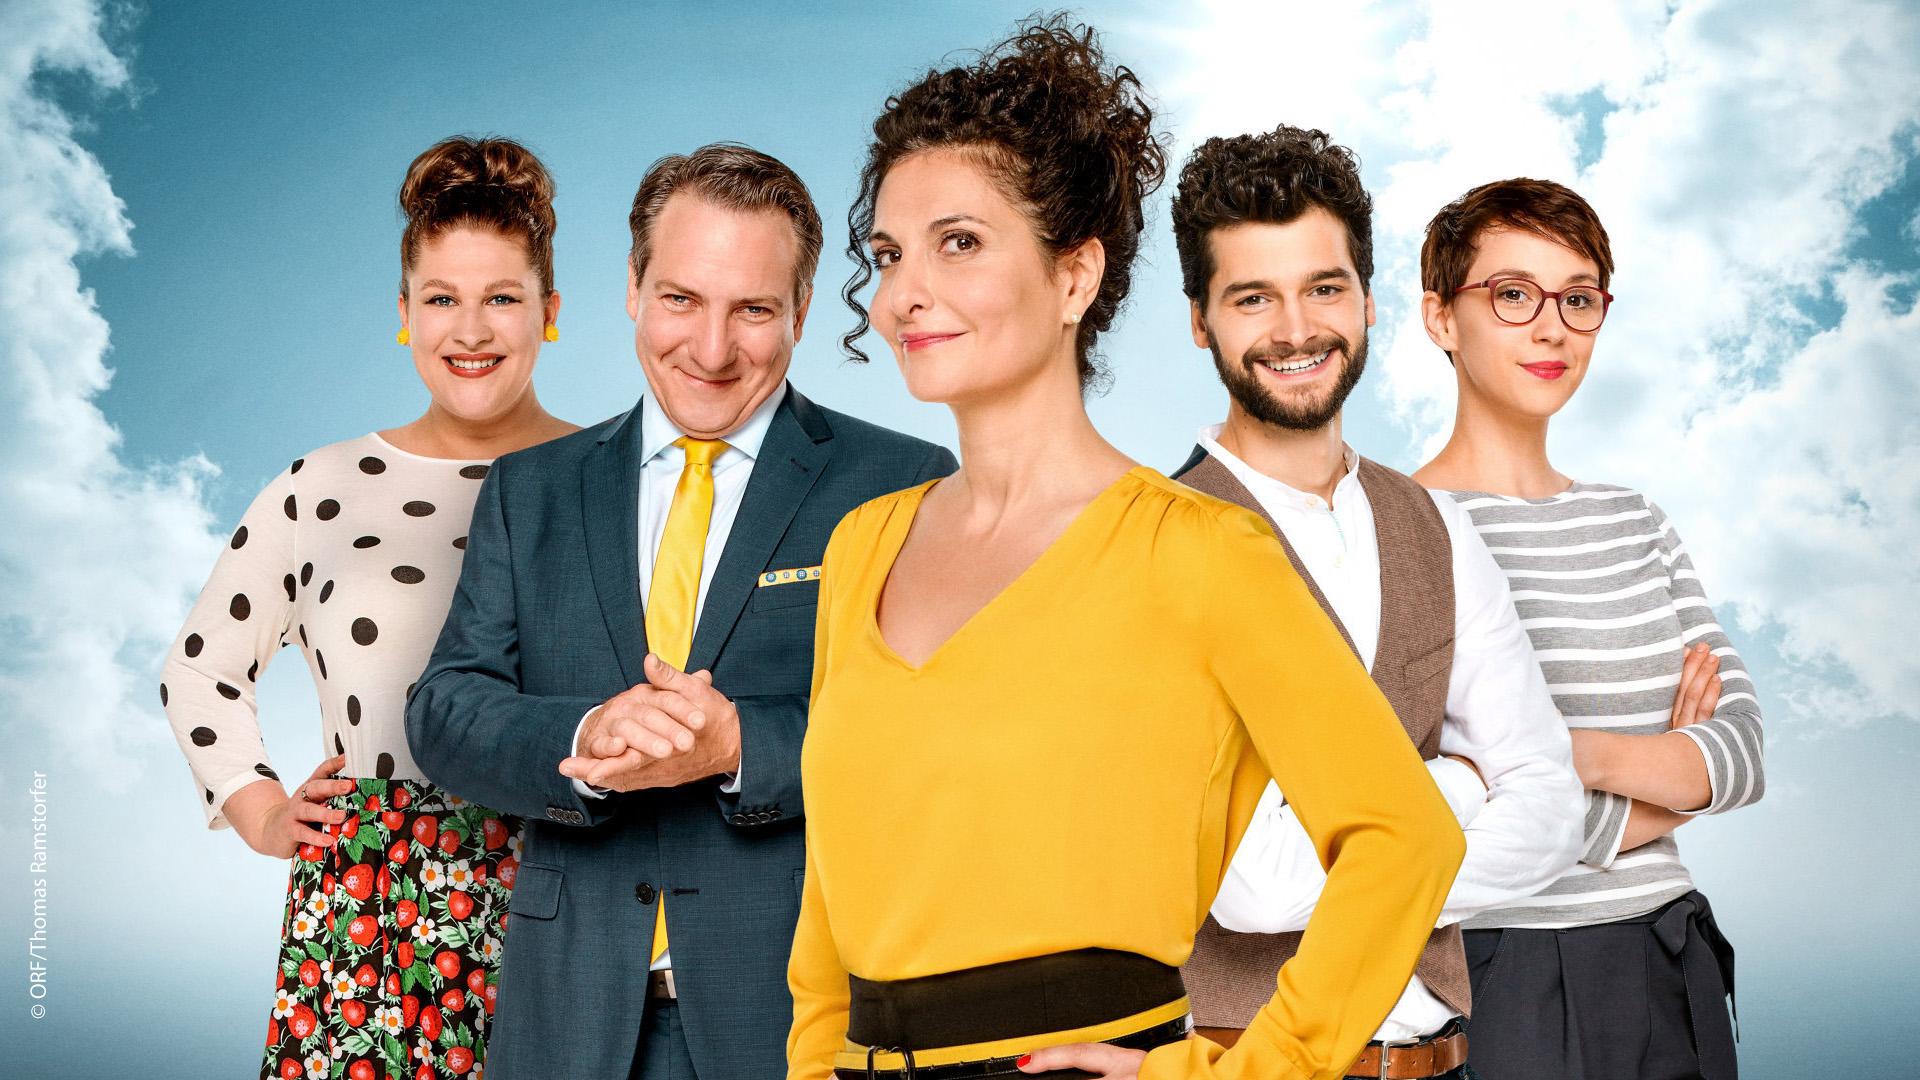 Walking on Sunshine - Zweite Staffel des ORF-Serienhits ab 27.01.2020 auf ORF1!